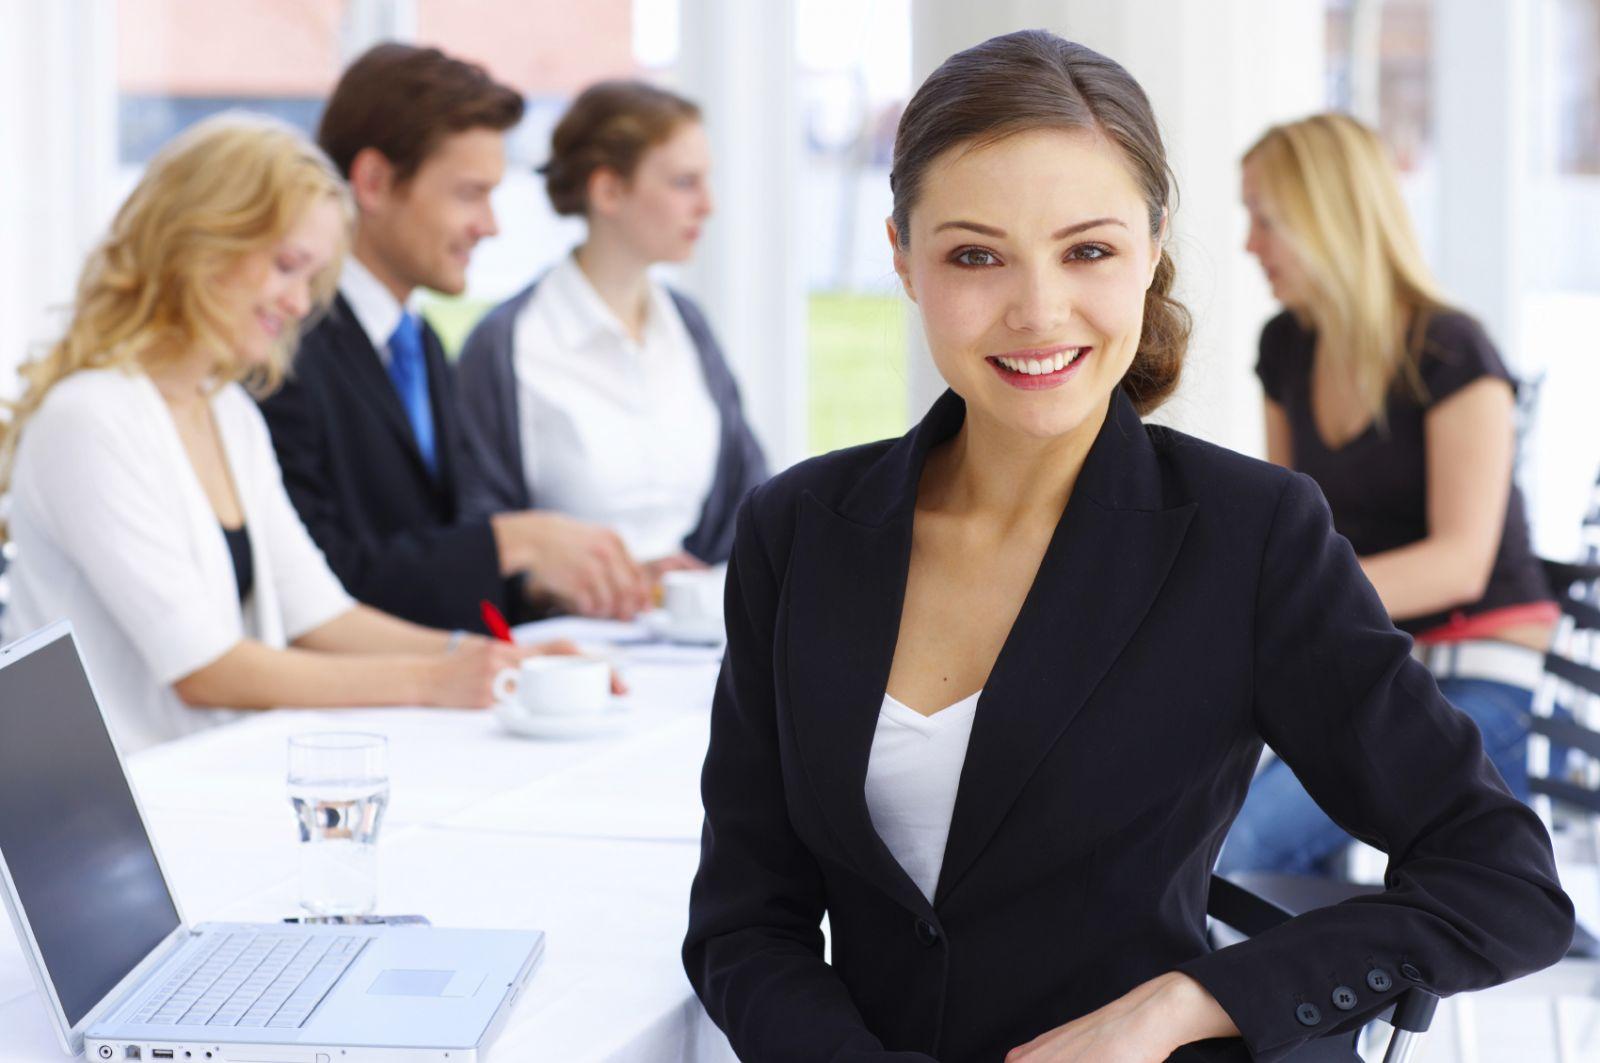 Bật mí 3 mô hình kinh doanh online hiệu quả có thể bạn chưa biết